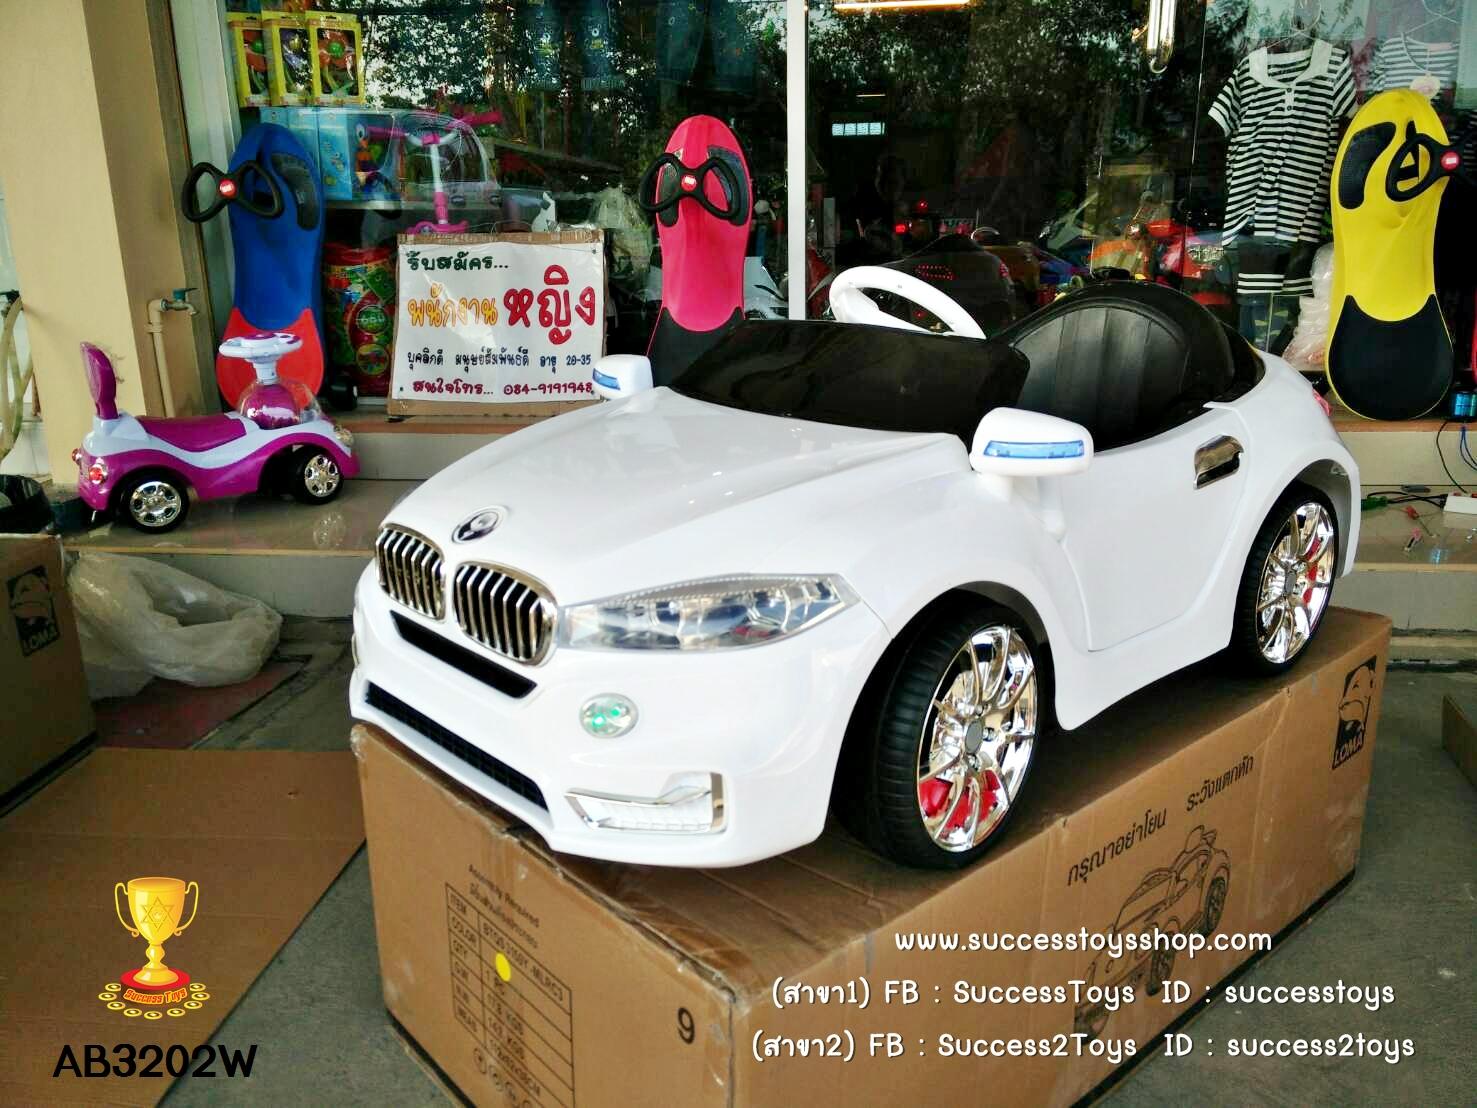 AB3202W รถแบตเตอรี่เด็กนั่งไฟฟ้า ยี่ห้อ BMW ประตูปีกนก สีขาว